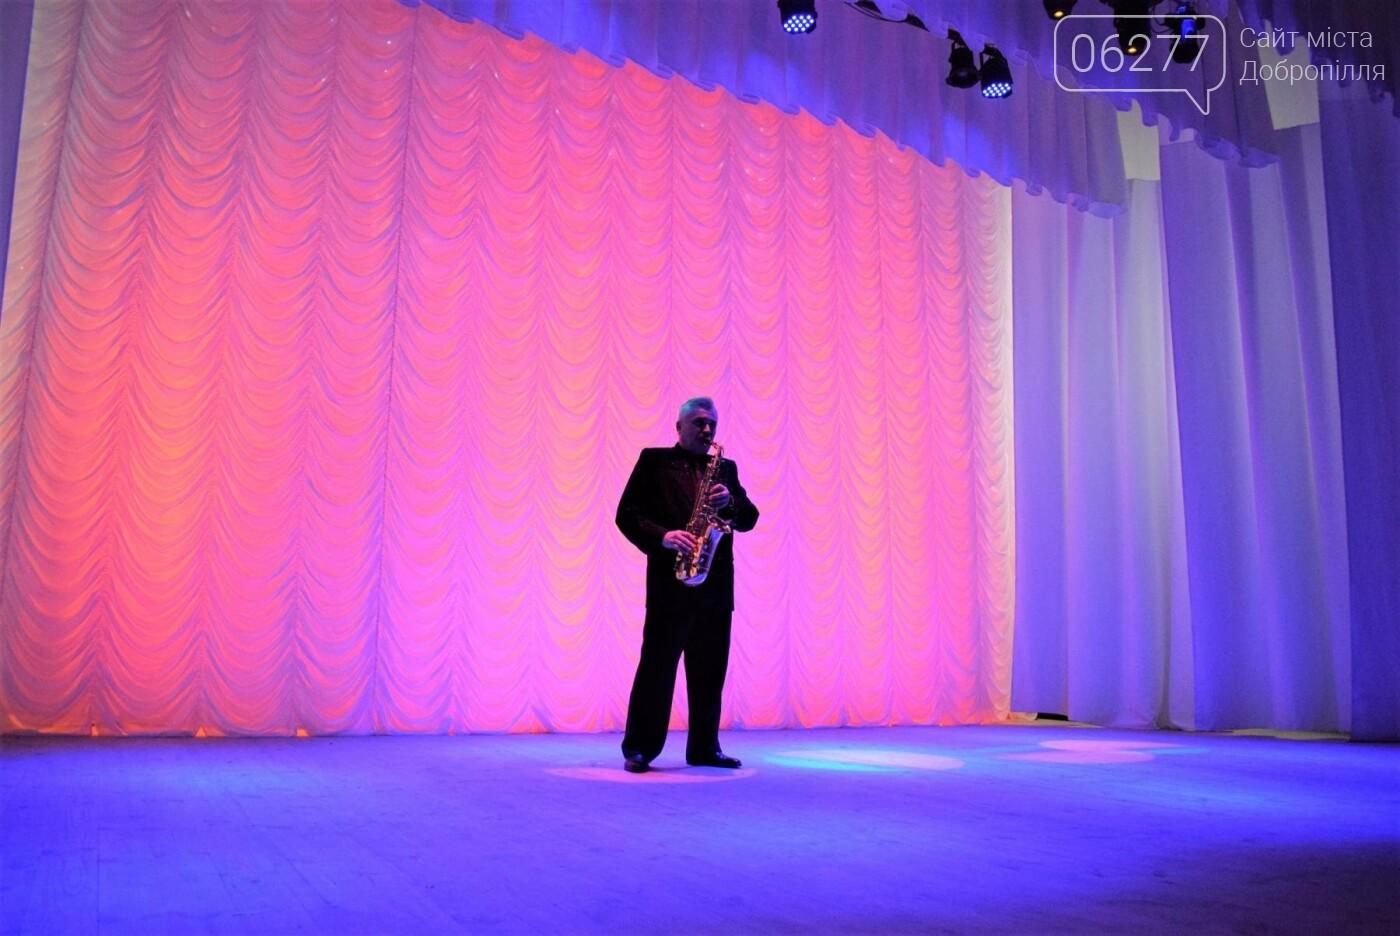 В Центре культуры и досуга Белозёрского прошла презентация зрительного зала, фото-6